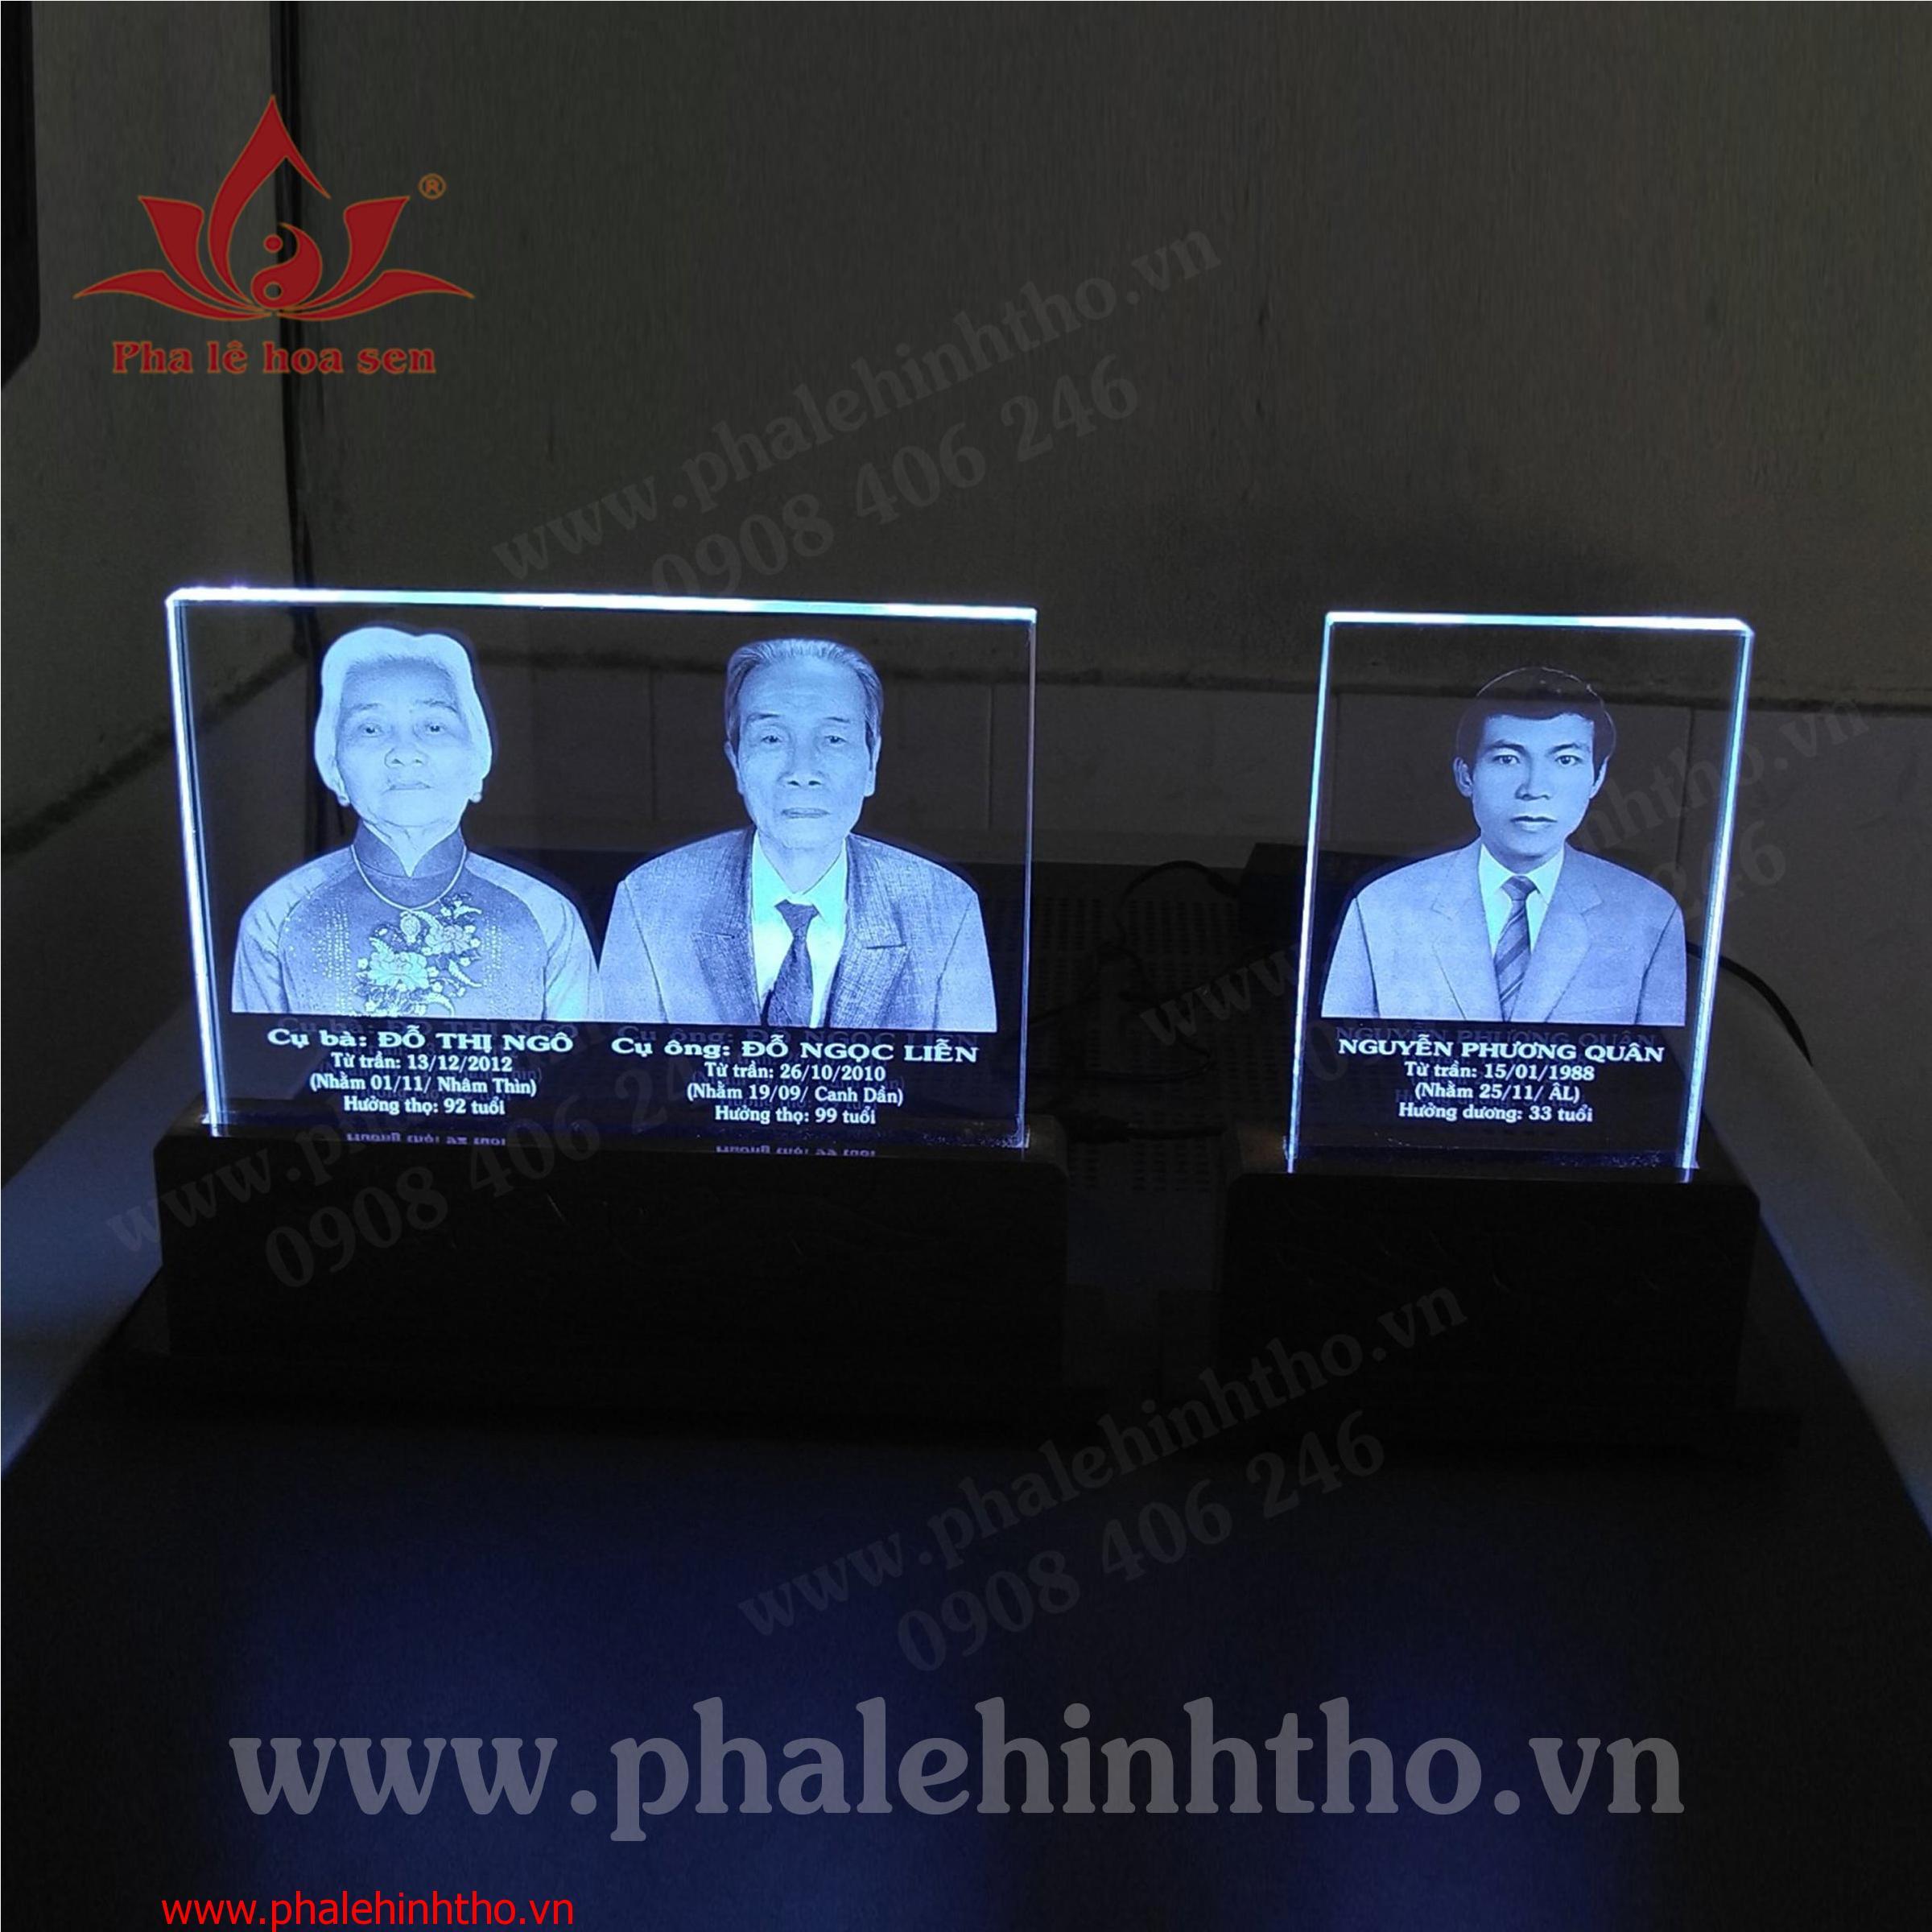 Pha lê khắc laser 25x18x1,5cm